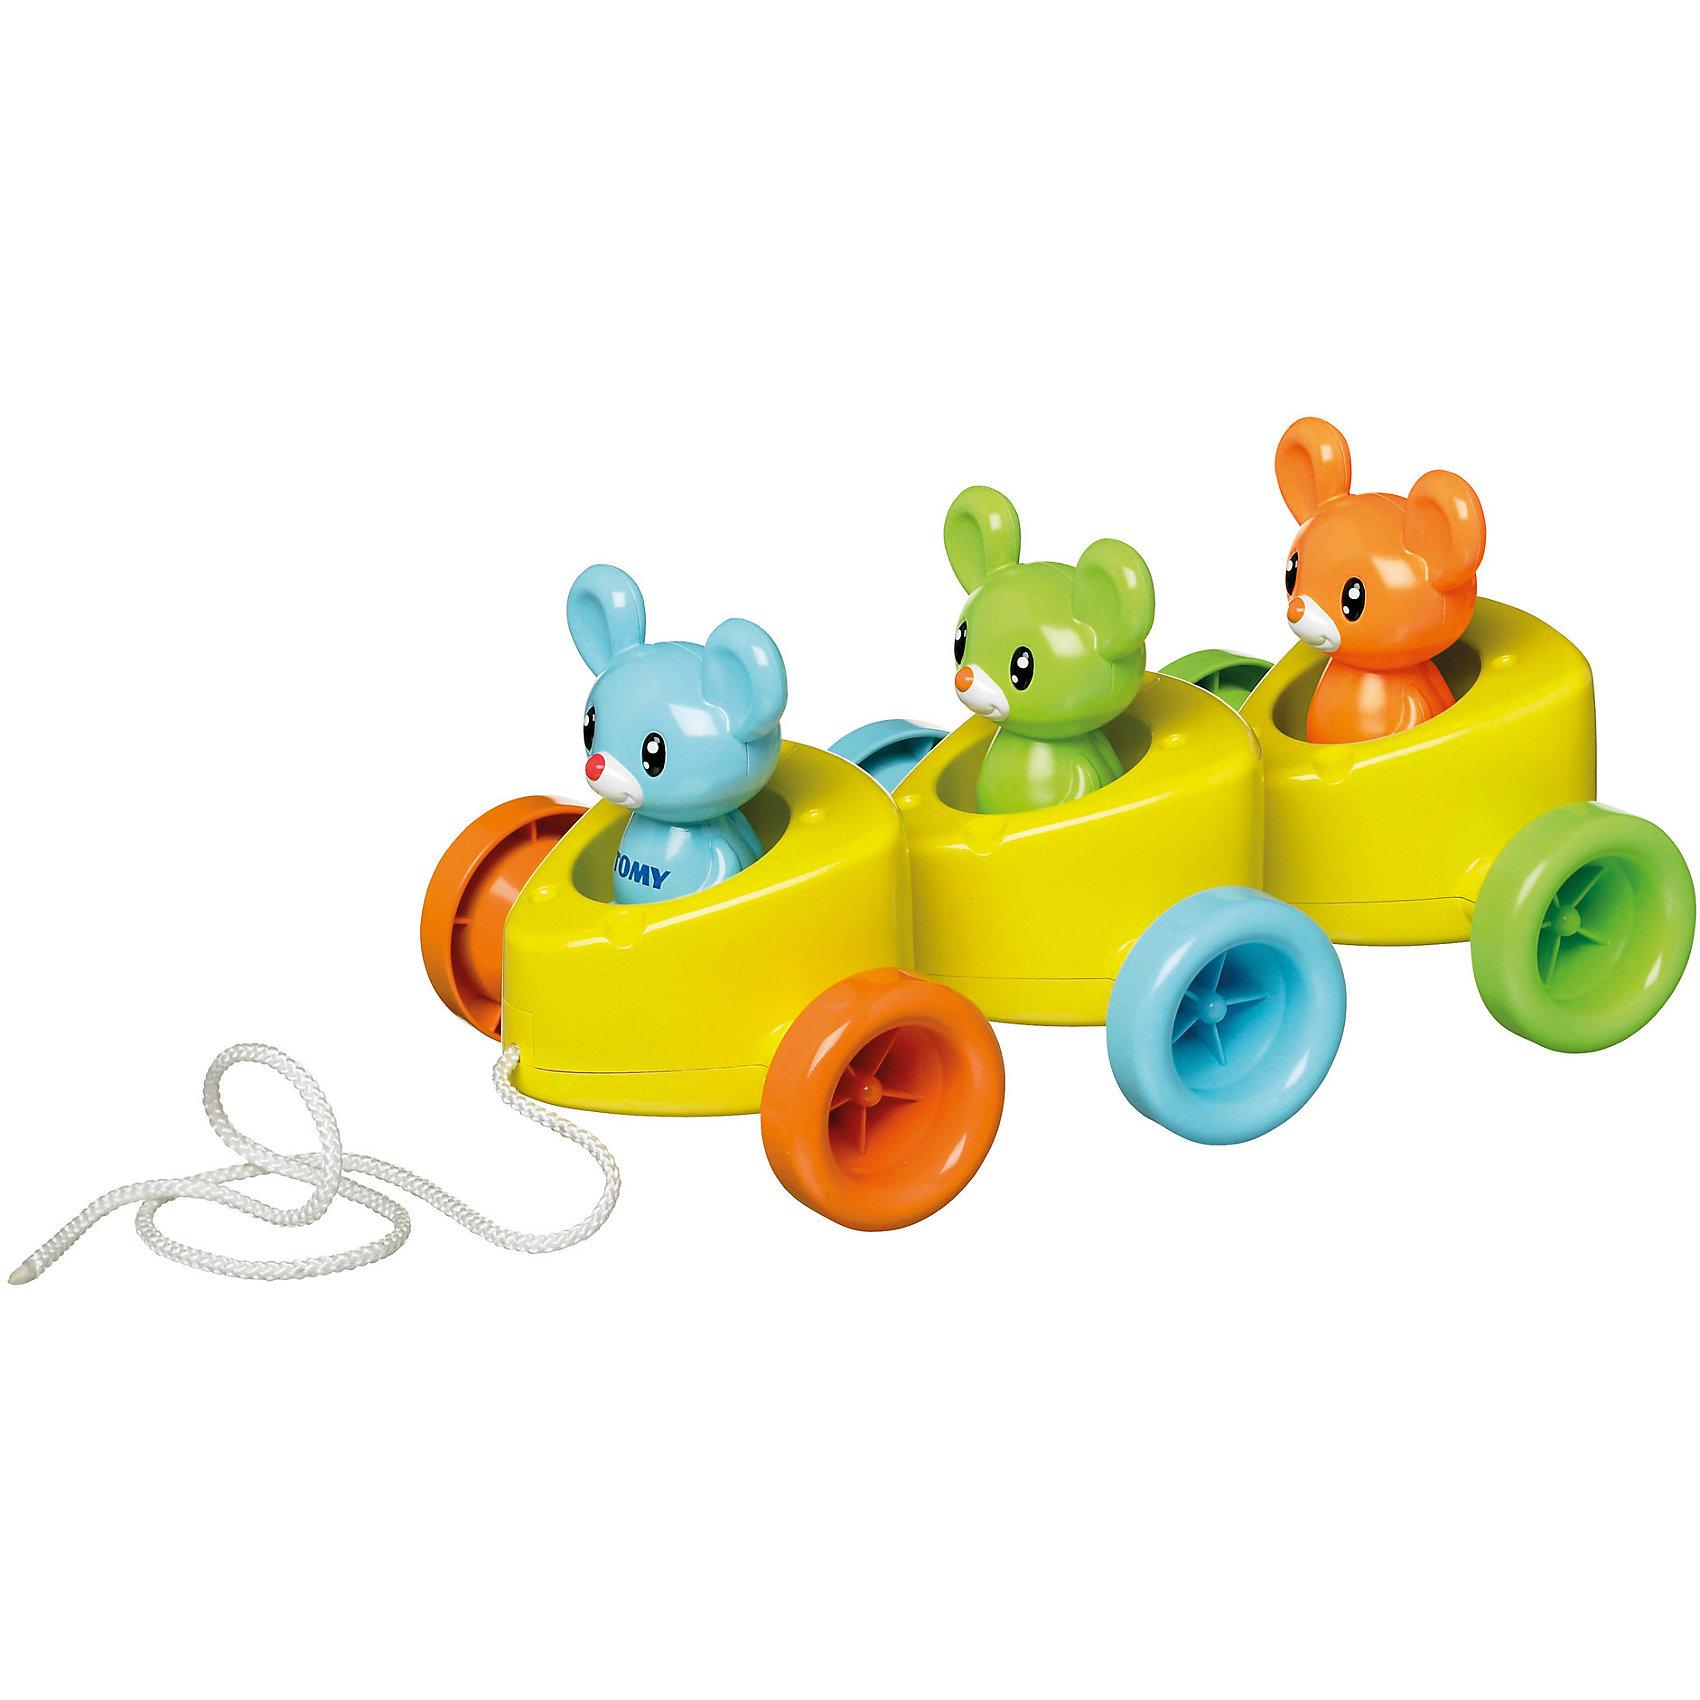 Игрушка Веселые мышата, TOMYИгрушка Веселые мышата, Tomy (Томи) - красочная развивающая игрушка, которая обязательно понравится Вашему малышу. Паровозик-каталка представляет собой три сцепленных с друг с другом вагончика в виде кусочков сыра, в которых сидят веселые мышата разных цветов. Фигурки мышат вынимаются, ими можно играть отдельно. Игрушку можно также использовать в качестве сортера, предложив ребенку усадить каждого мышонка в вагончик с соответствующим цветом колес. Каталка оснащена веревочкой, за которую ее удобно катать по полу. Игрушка округлой формы с крупными деталями, малышу будет удобно хватать ее своими ручками.<br><br>Дополнительная информация:<br><br>- В комплекте: 3 мышонка, каталка на веревочке. <br>- Материал: пластик.<br>- Размер упаковки: 15 х 30 х 18 см.<br>- Вес с упаковкой: 1 кг.<br><br>Игрушку Веселые мышата, Tomy (Томи) можно купить в нашем интернет-магазине.<br><br>Ширина мм: 199<br>Глубина мм: 311<br>Высота мм: 186<br>Вес г: 661<br>Возраст от месяцев: 18<br>Возраст до месяцев: 60<br>Пол: Унисекс<br>Возраст: Детский<br>SKU: 3232809